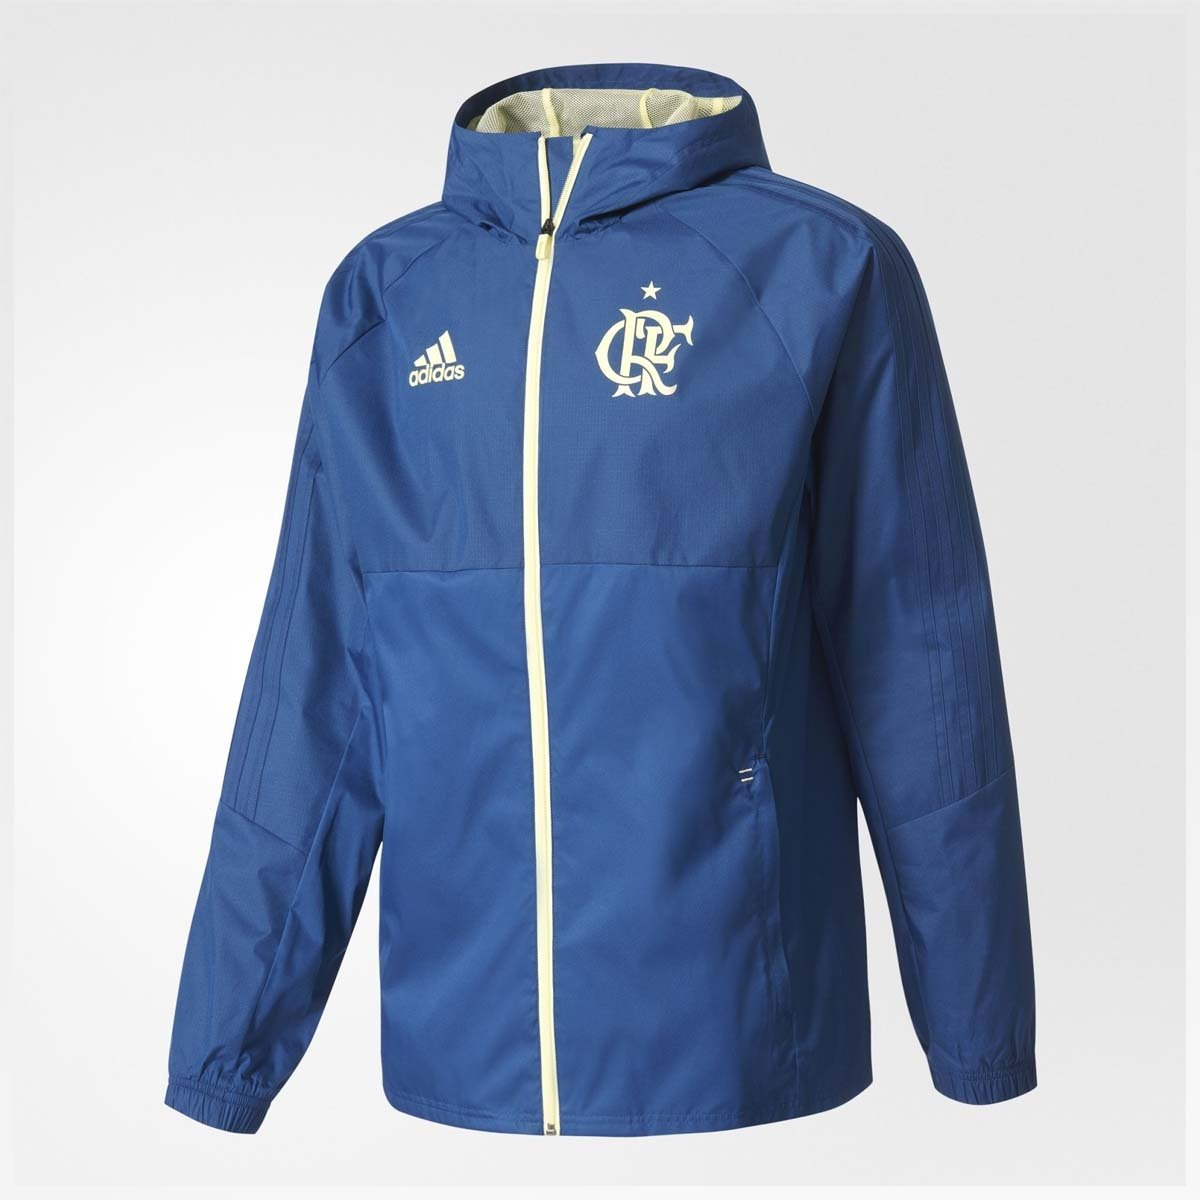 Jaqueta Flamengo Chuva CR Adidas - Compre Agora  b942ff8acf789